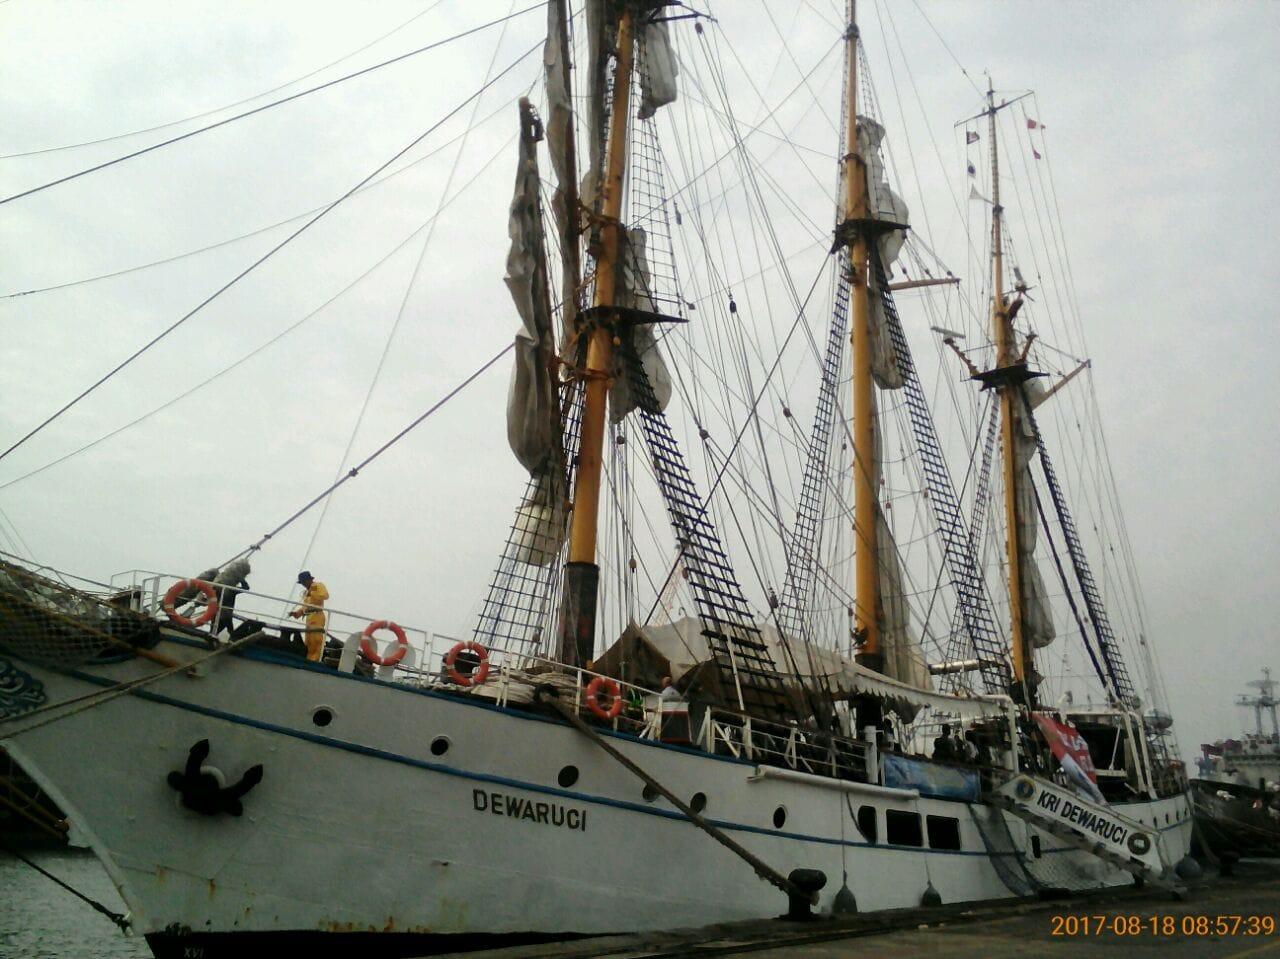 KRI Dewa Ruci Siap untuk Pelayaran Ekspedisi Nusantara Jaya 2017